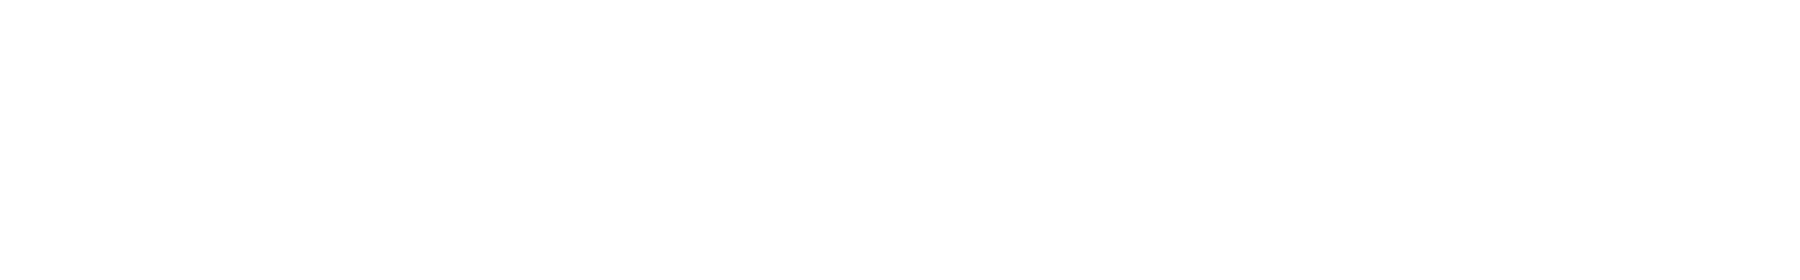 drum 08 123